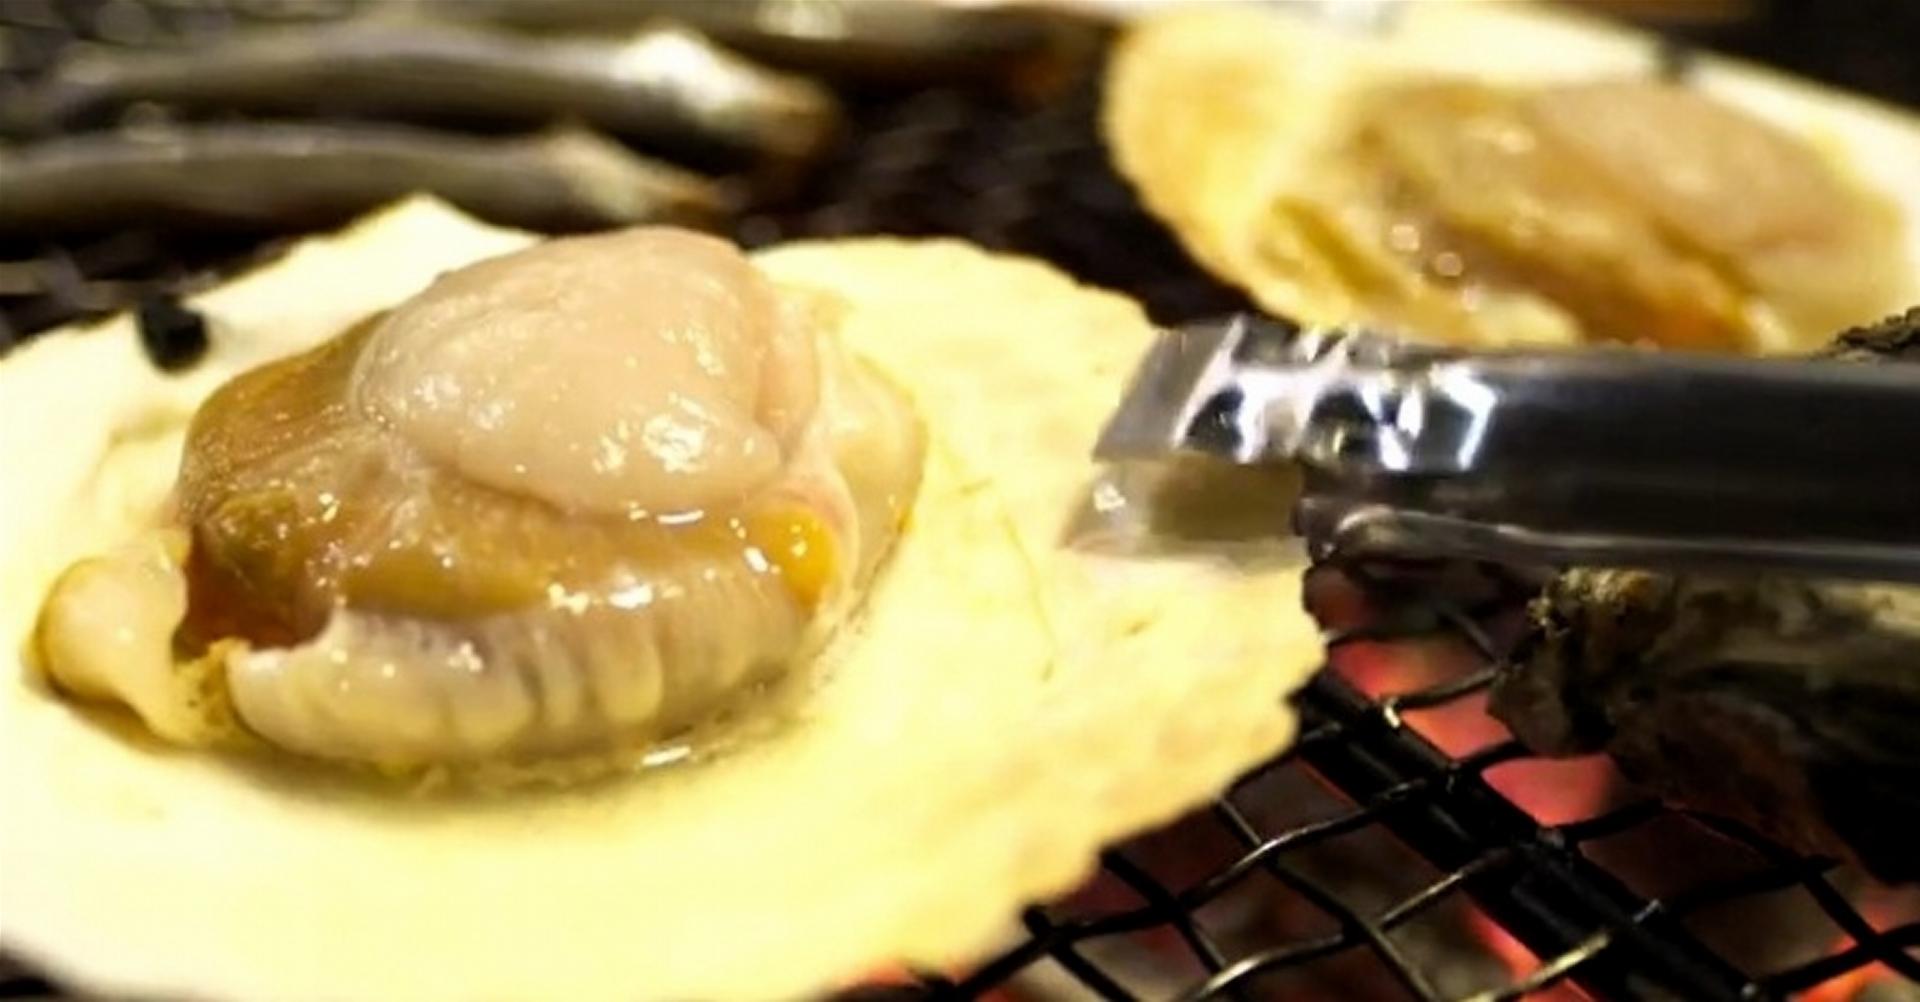 【ノンストップ】ホタテの磯辺焼きバターあんかけのレシピ|エッセ【4月7日】